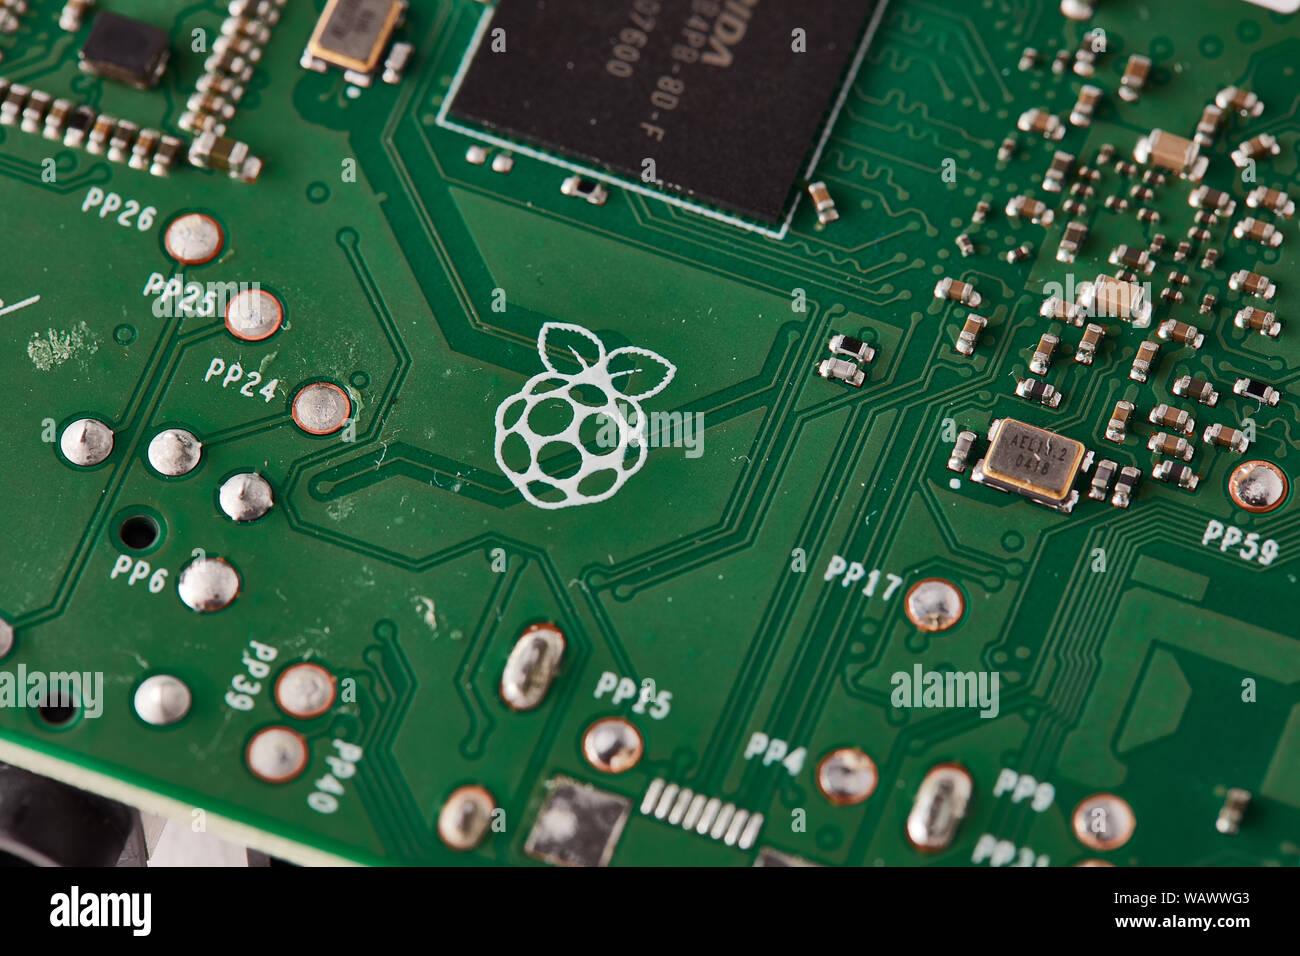 Raspberry Pi 3 B+ Stock Photo: 264870931 - Alamy